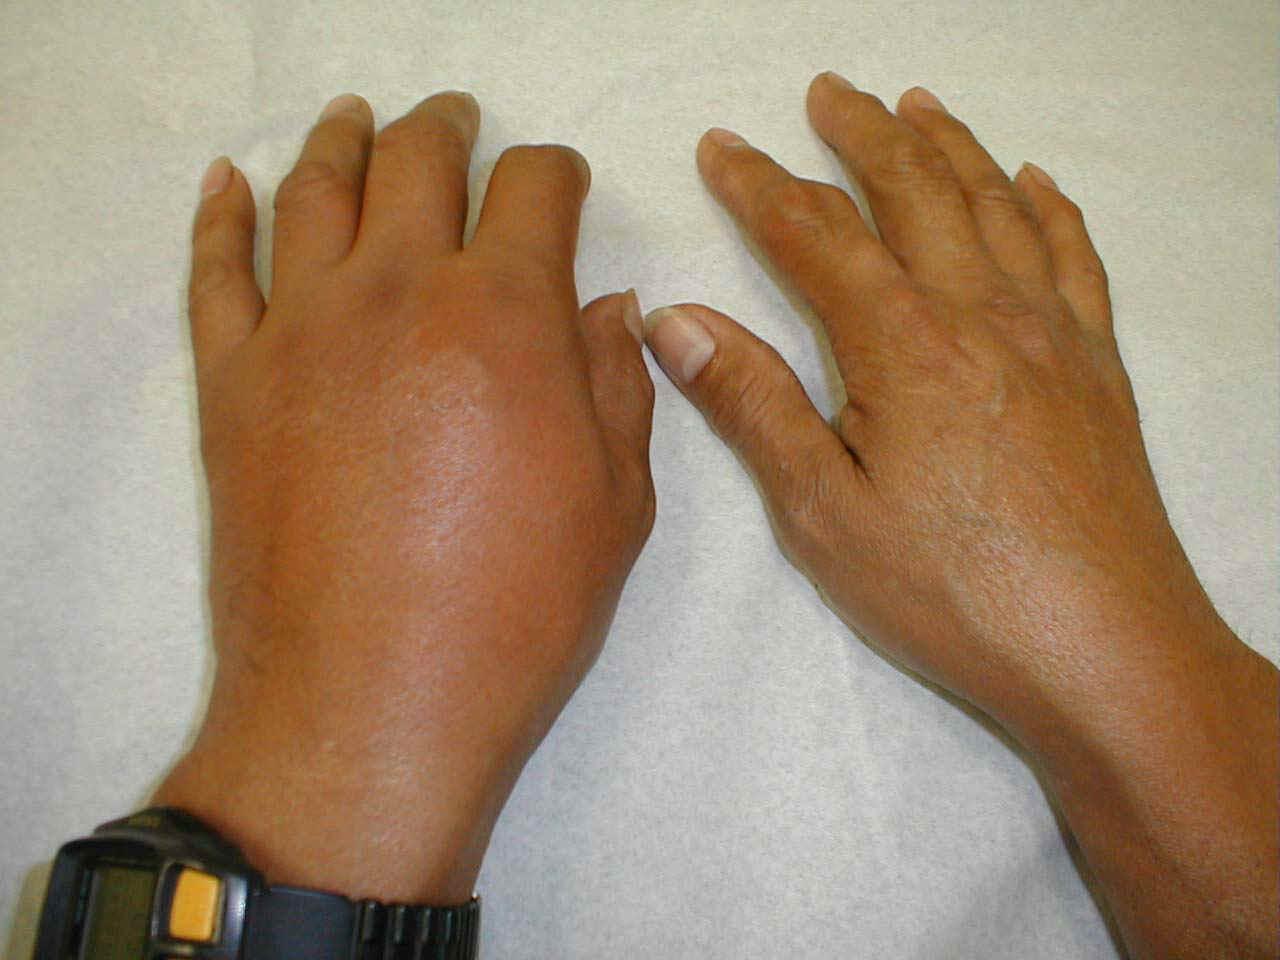 acido urico alto o que significa gota en el pie pdf acido urico sintomas en las manos